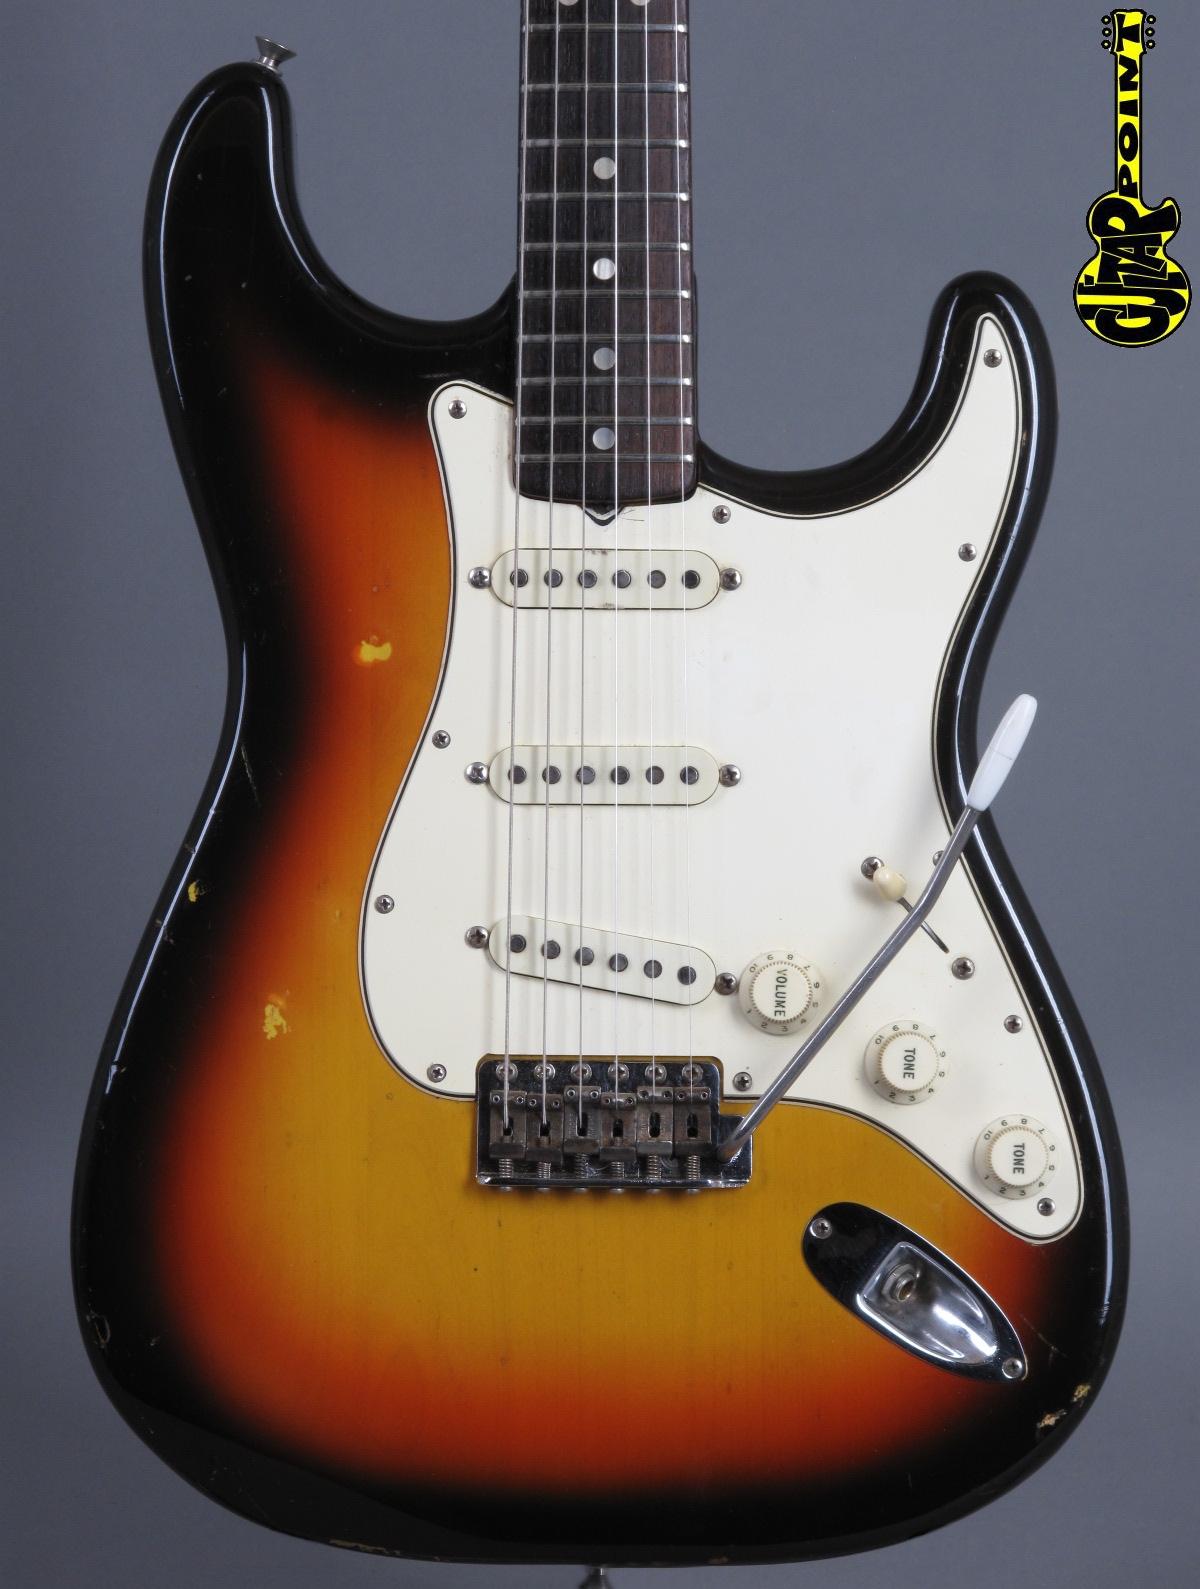 1967 Fender Stratocaster - 3t-Sunburst   ...rare !!!